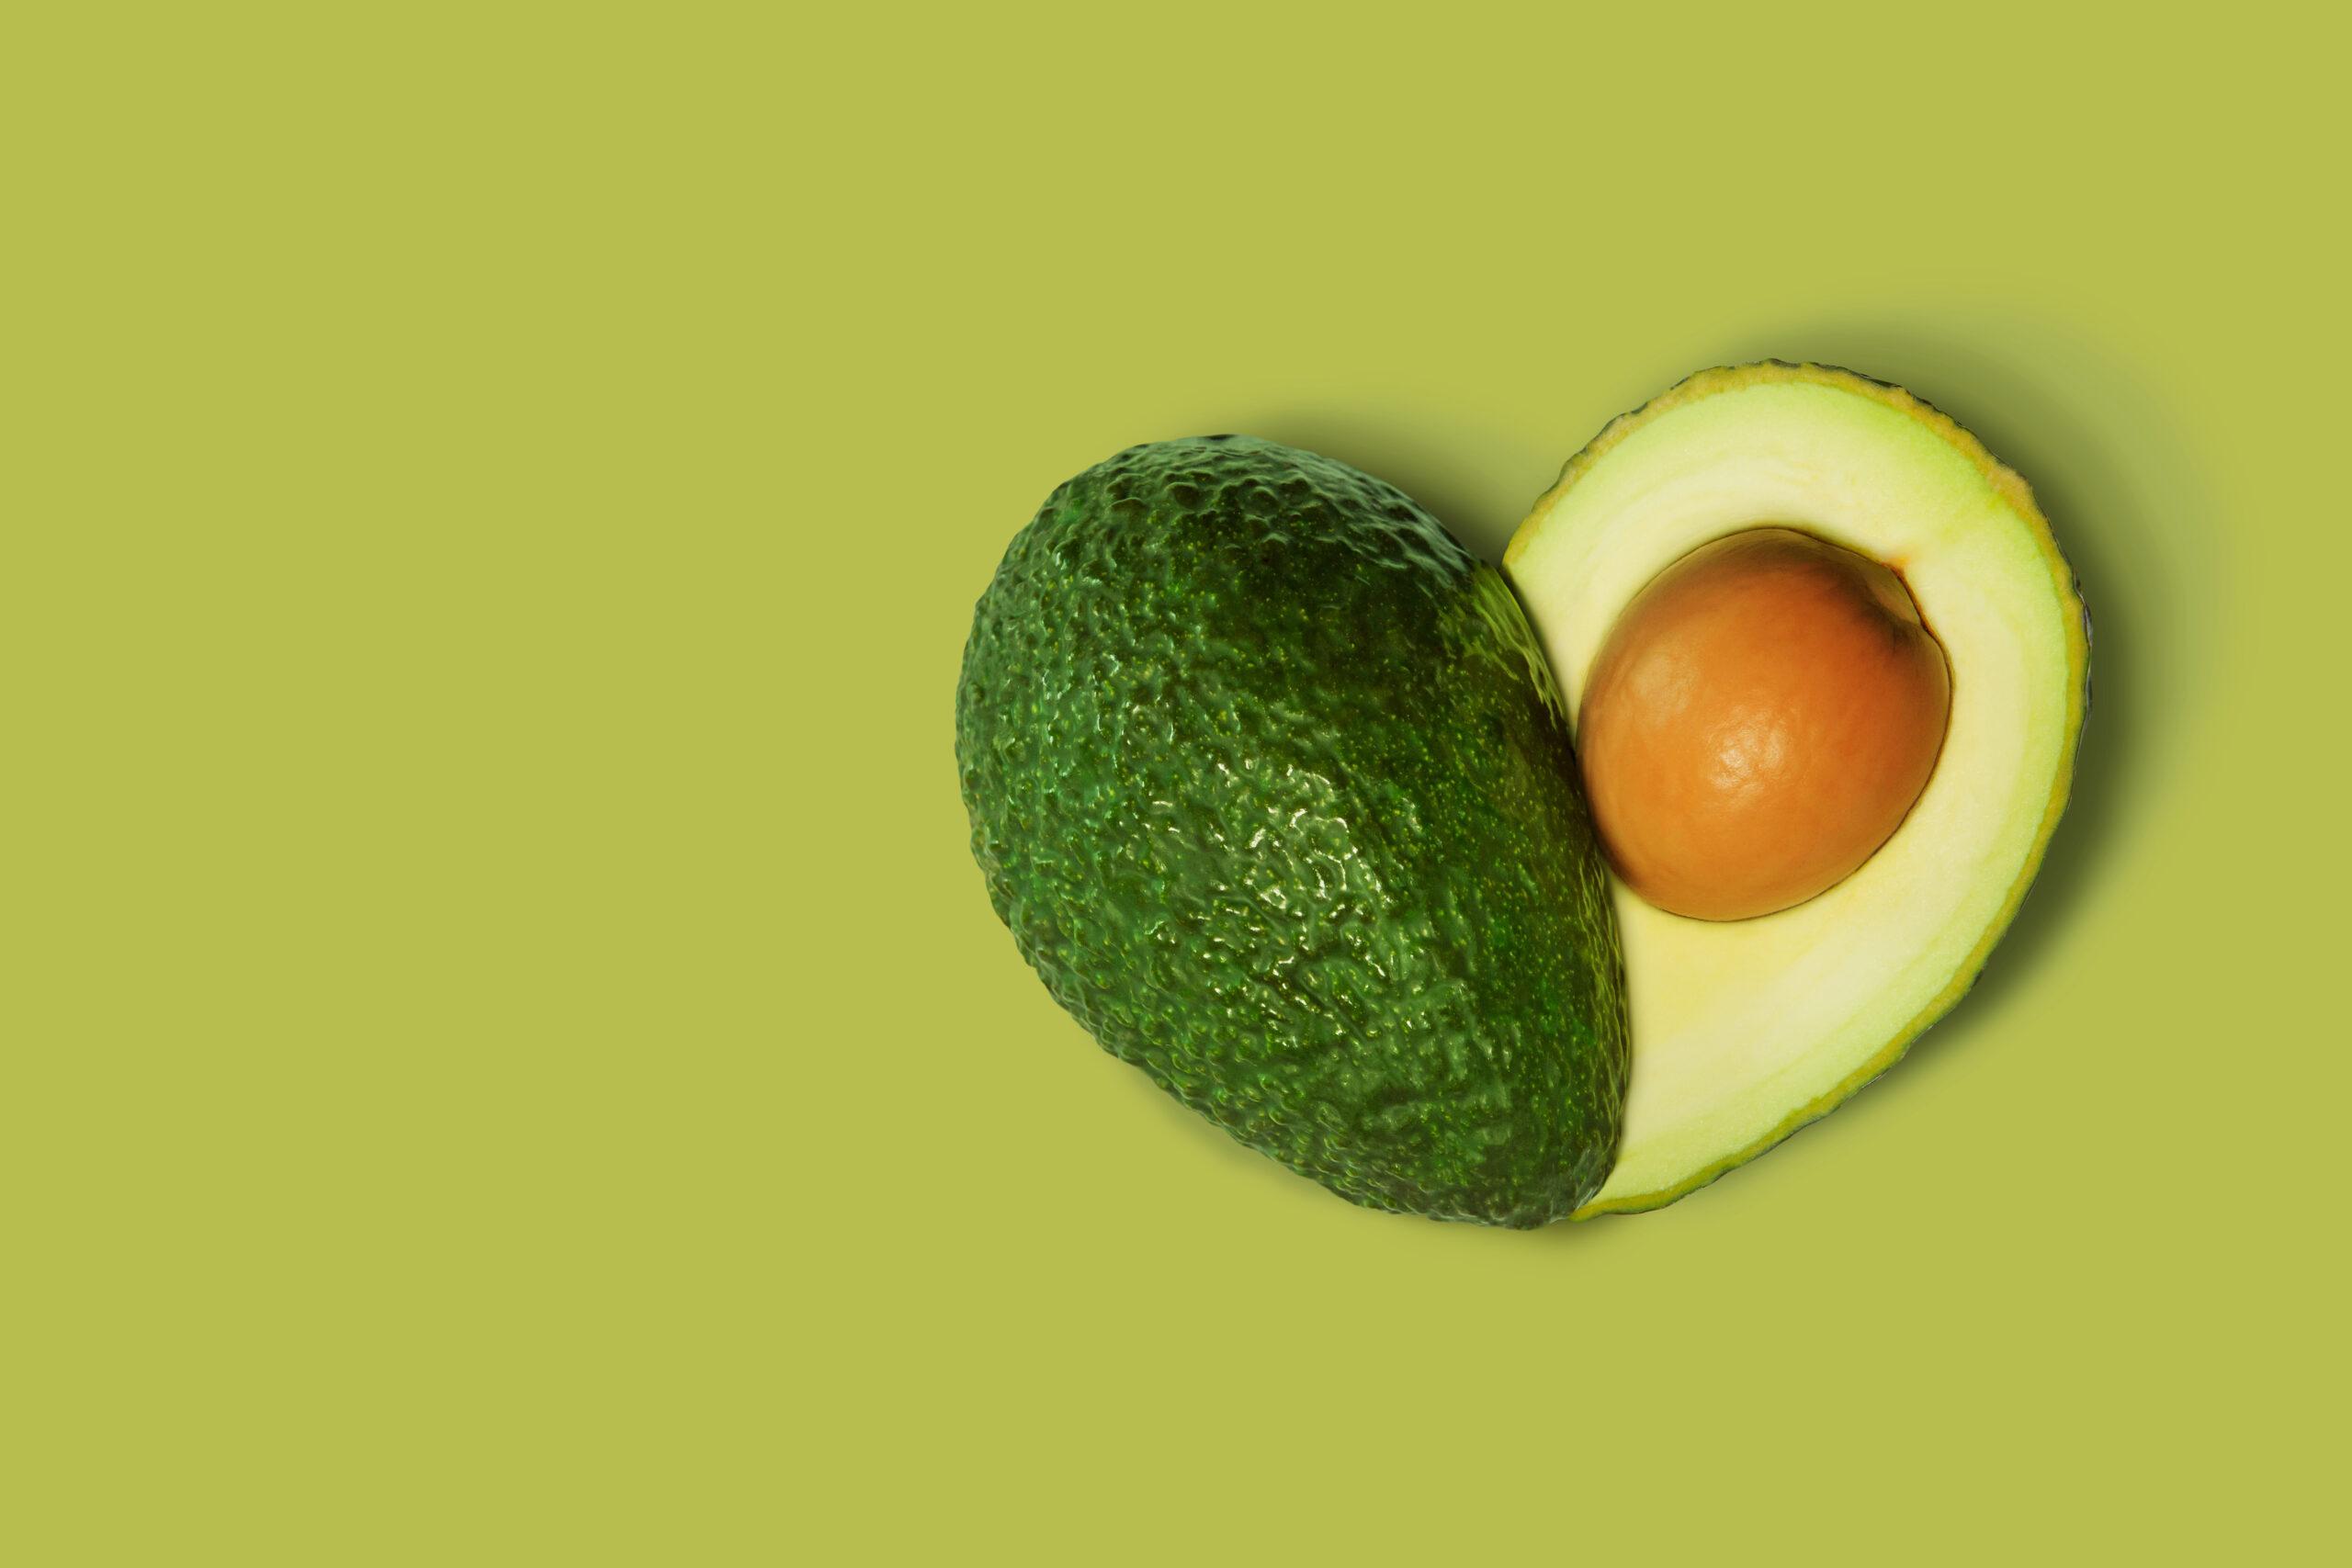 5 Ways to Repurpose Avocado Seeds